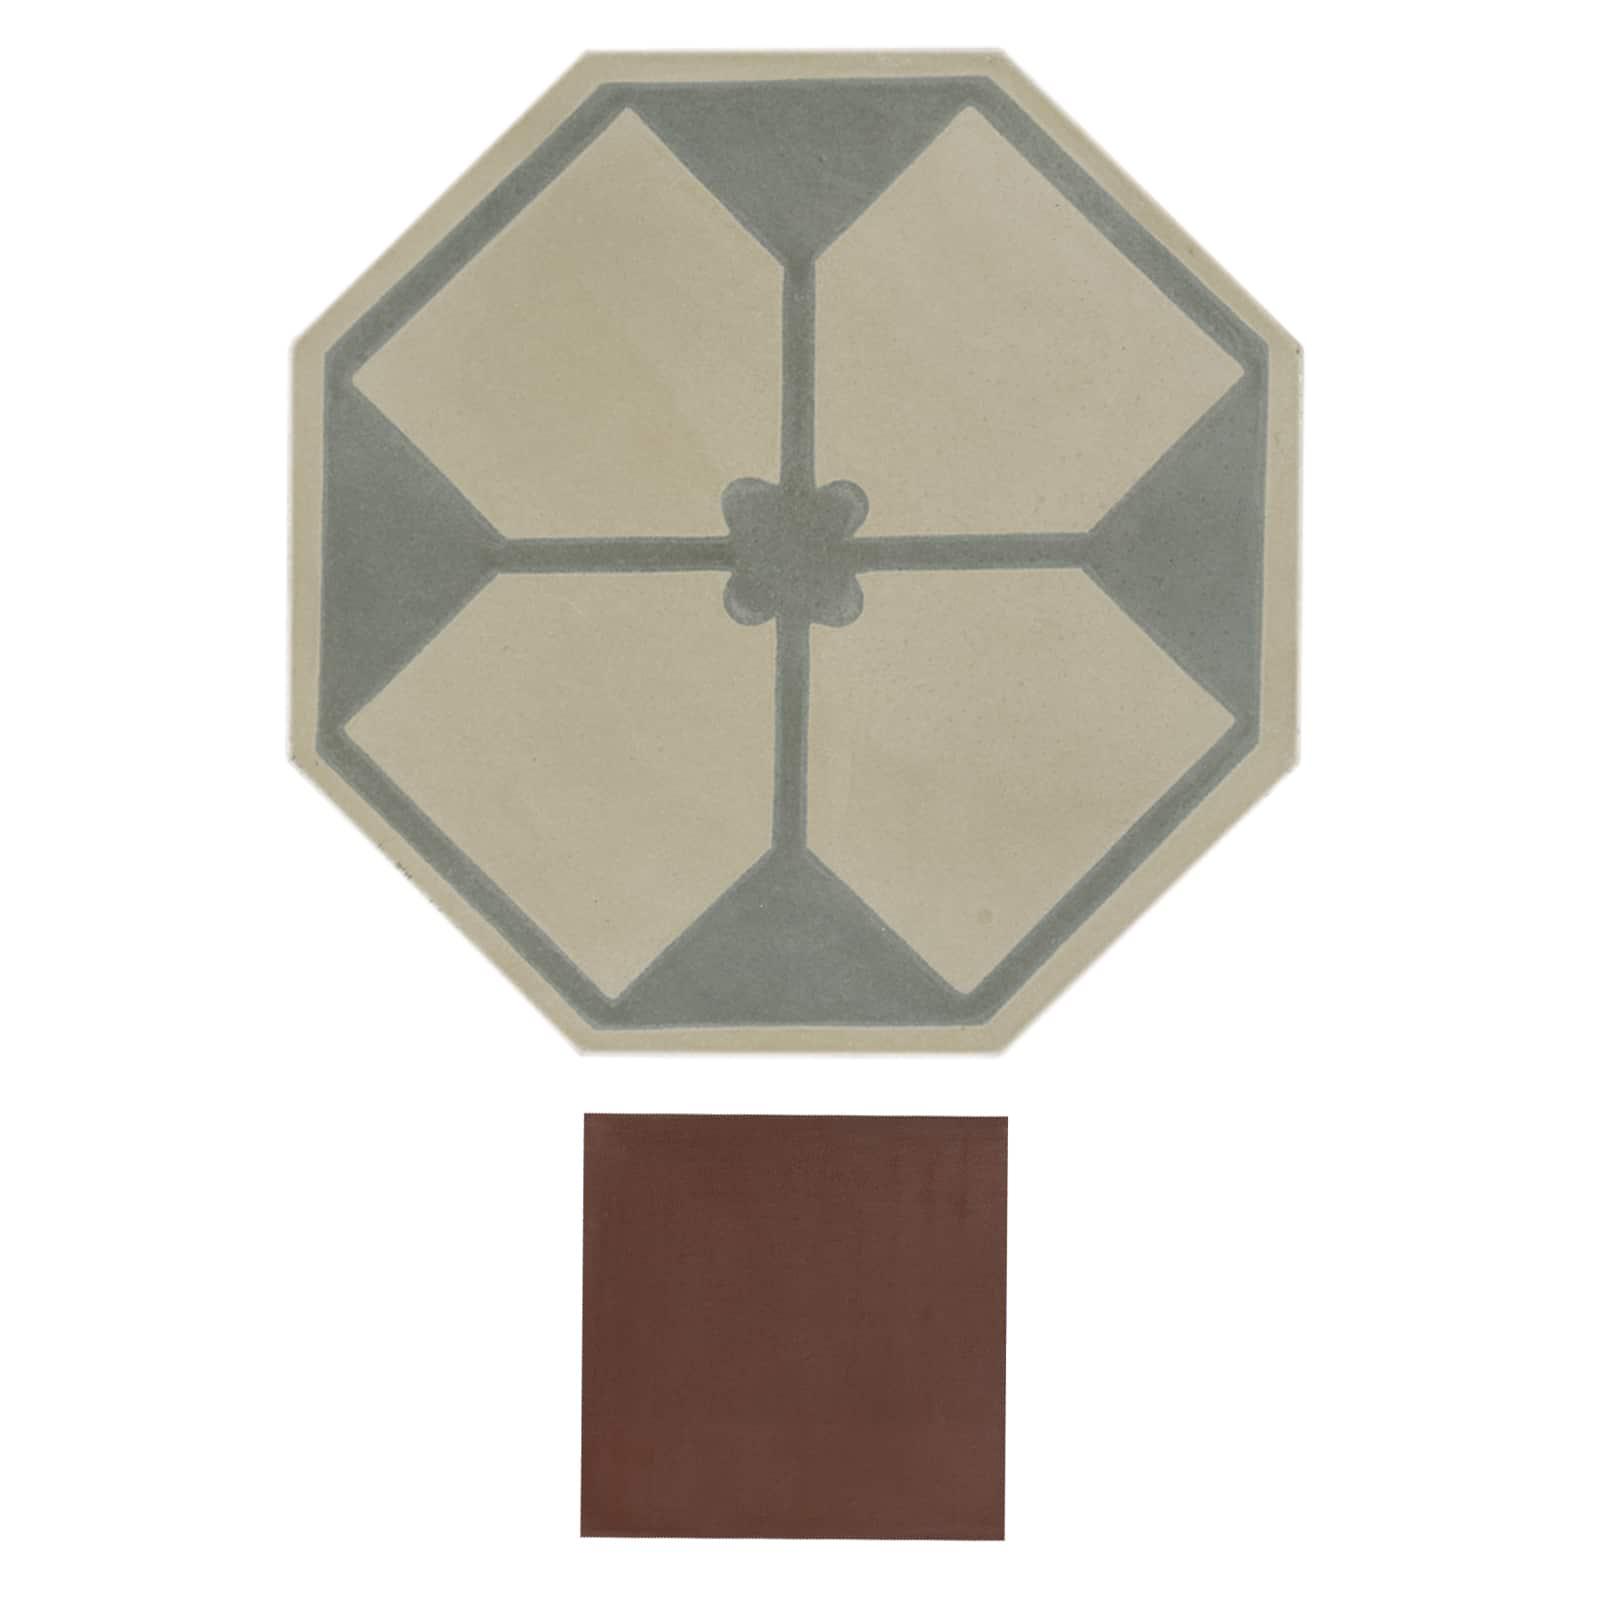 zementfliesen-achteck-nummer-51027-58027-34-viaplatten   51027/169